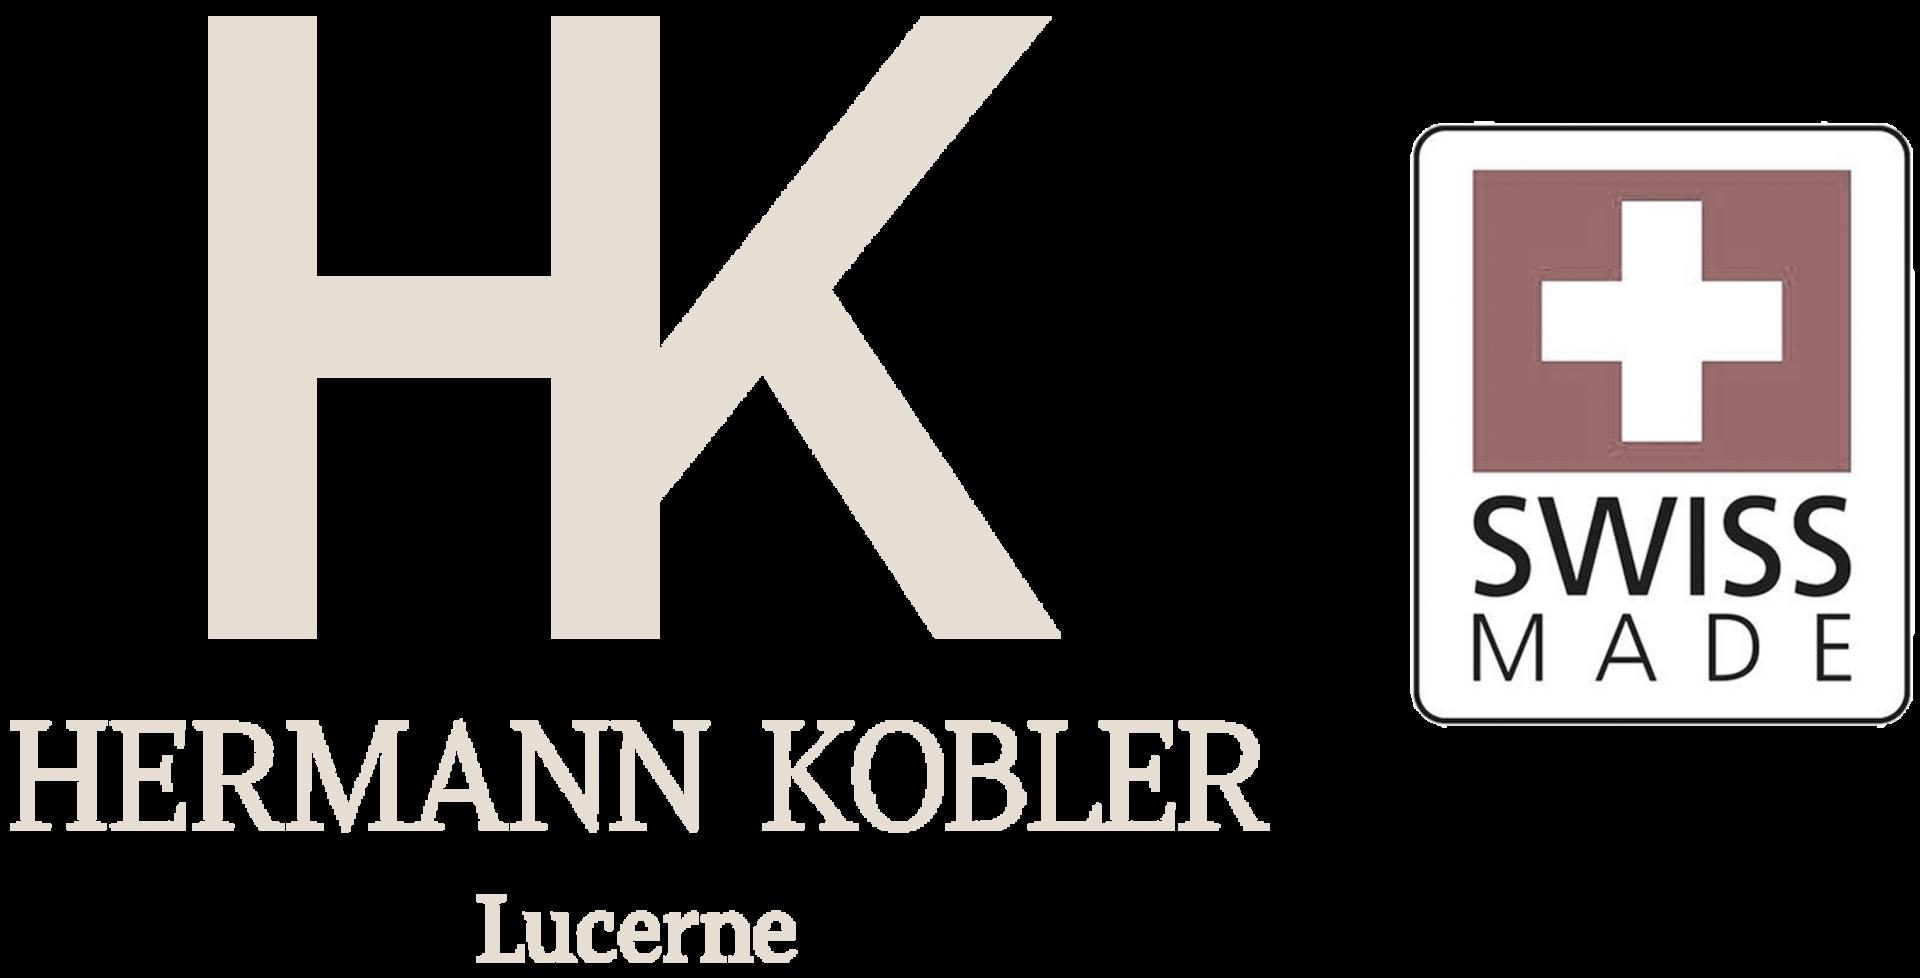 Hermann Kobler Watches